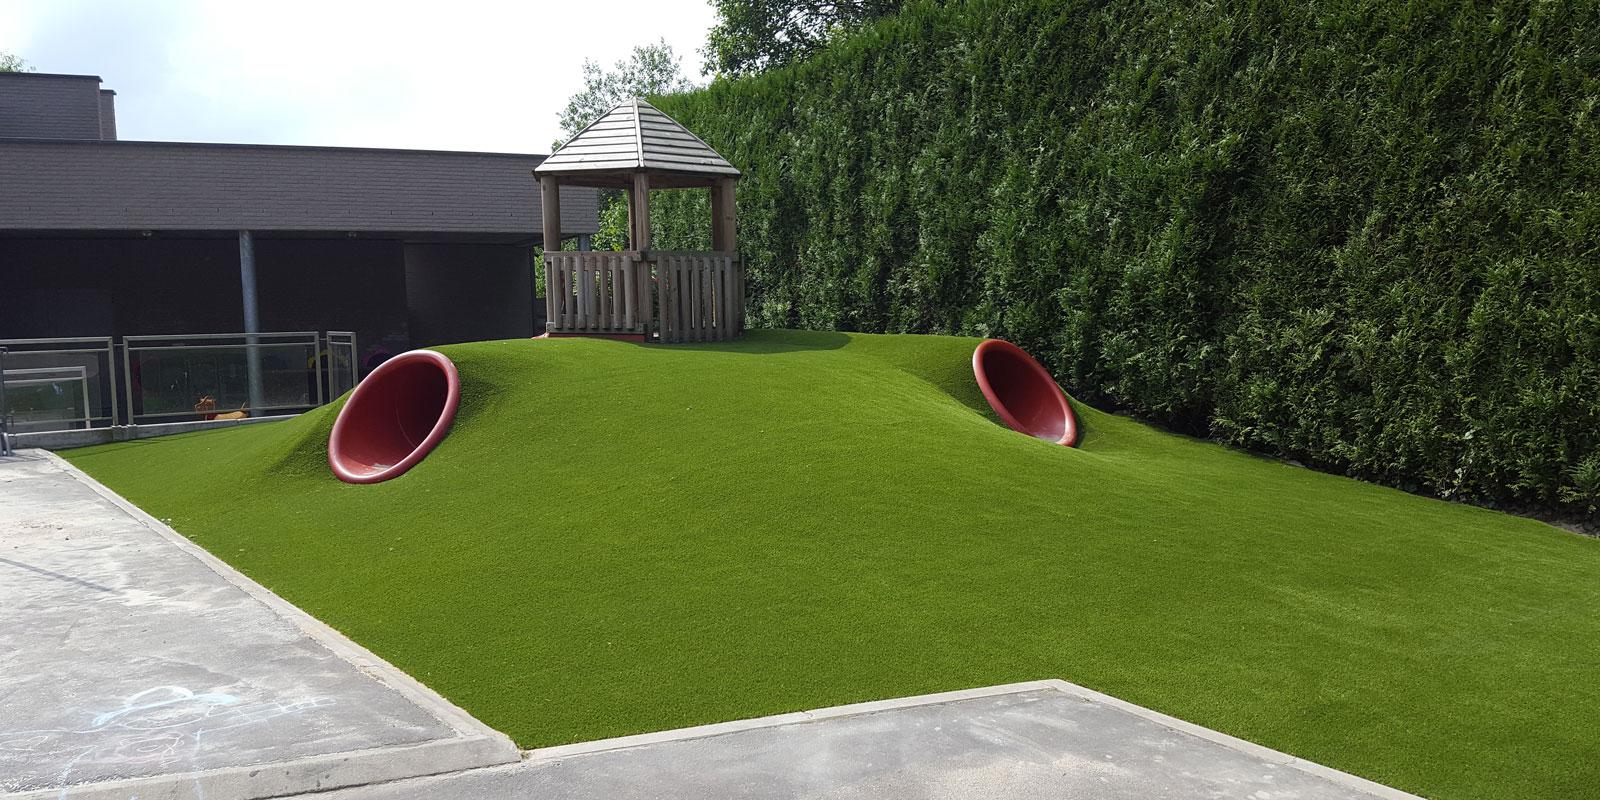 Tuin met kunstgras, Royal Grass, Speeltuin, kwaliteit, kunstgras op een heuvel